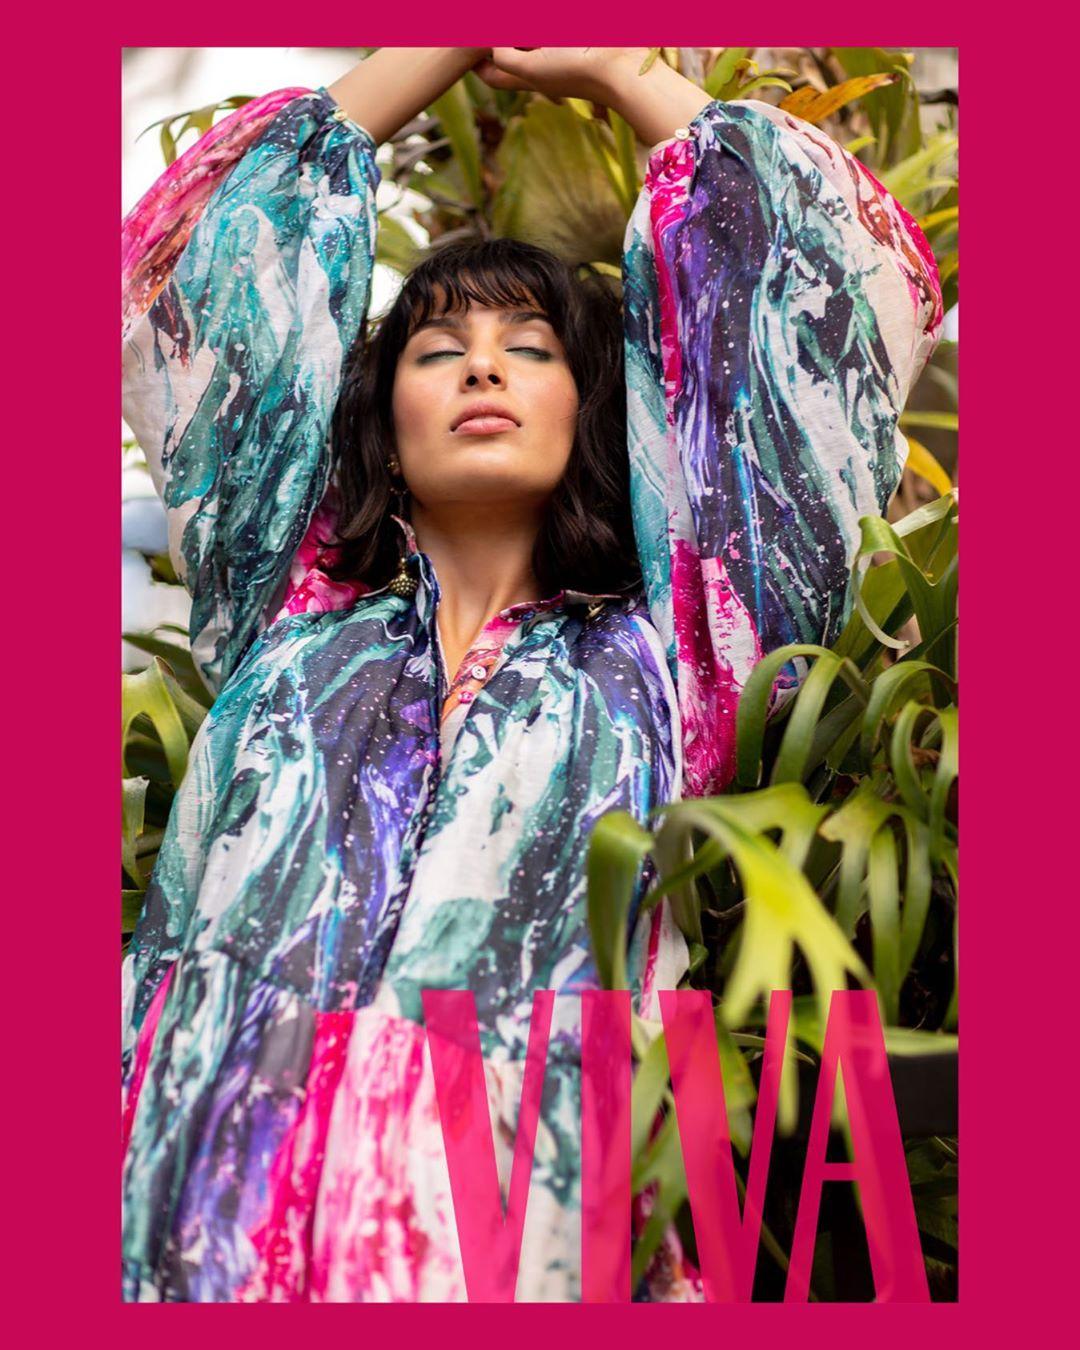 Ria photographed for Viva Magazine by Babiche Martens in Aje Fashion Dan Ahwa